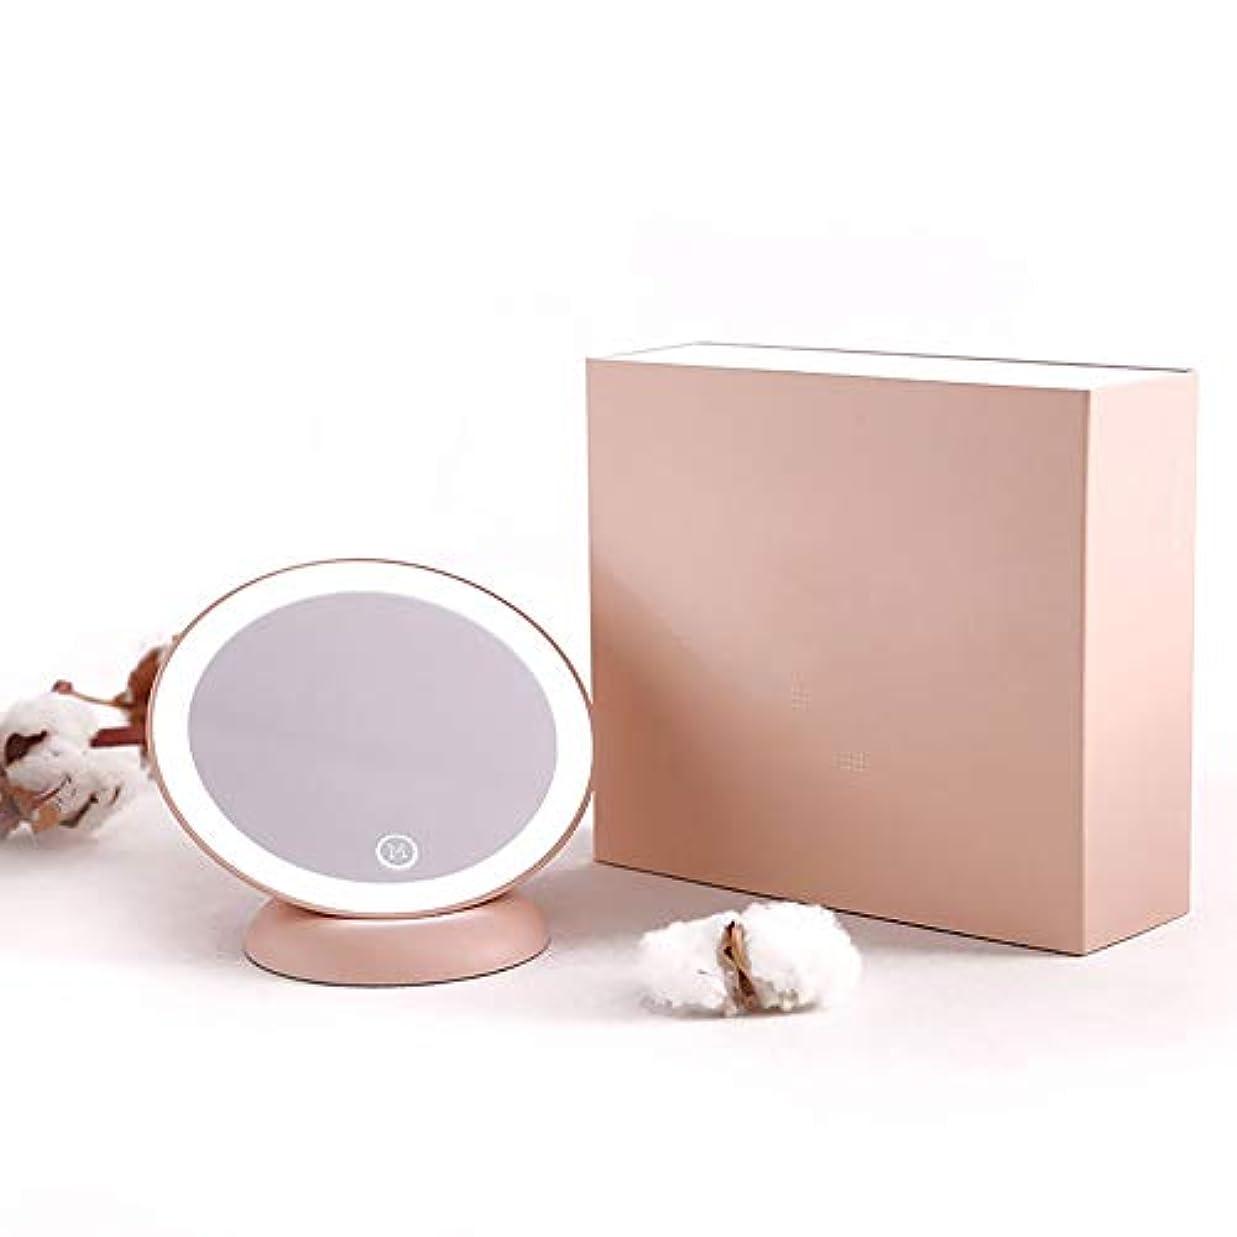 なんでも採用確実流行の 磁石を運ぶ創造的なライト360度回転ピンク1200mAh化粧鏡